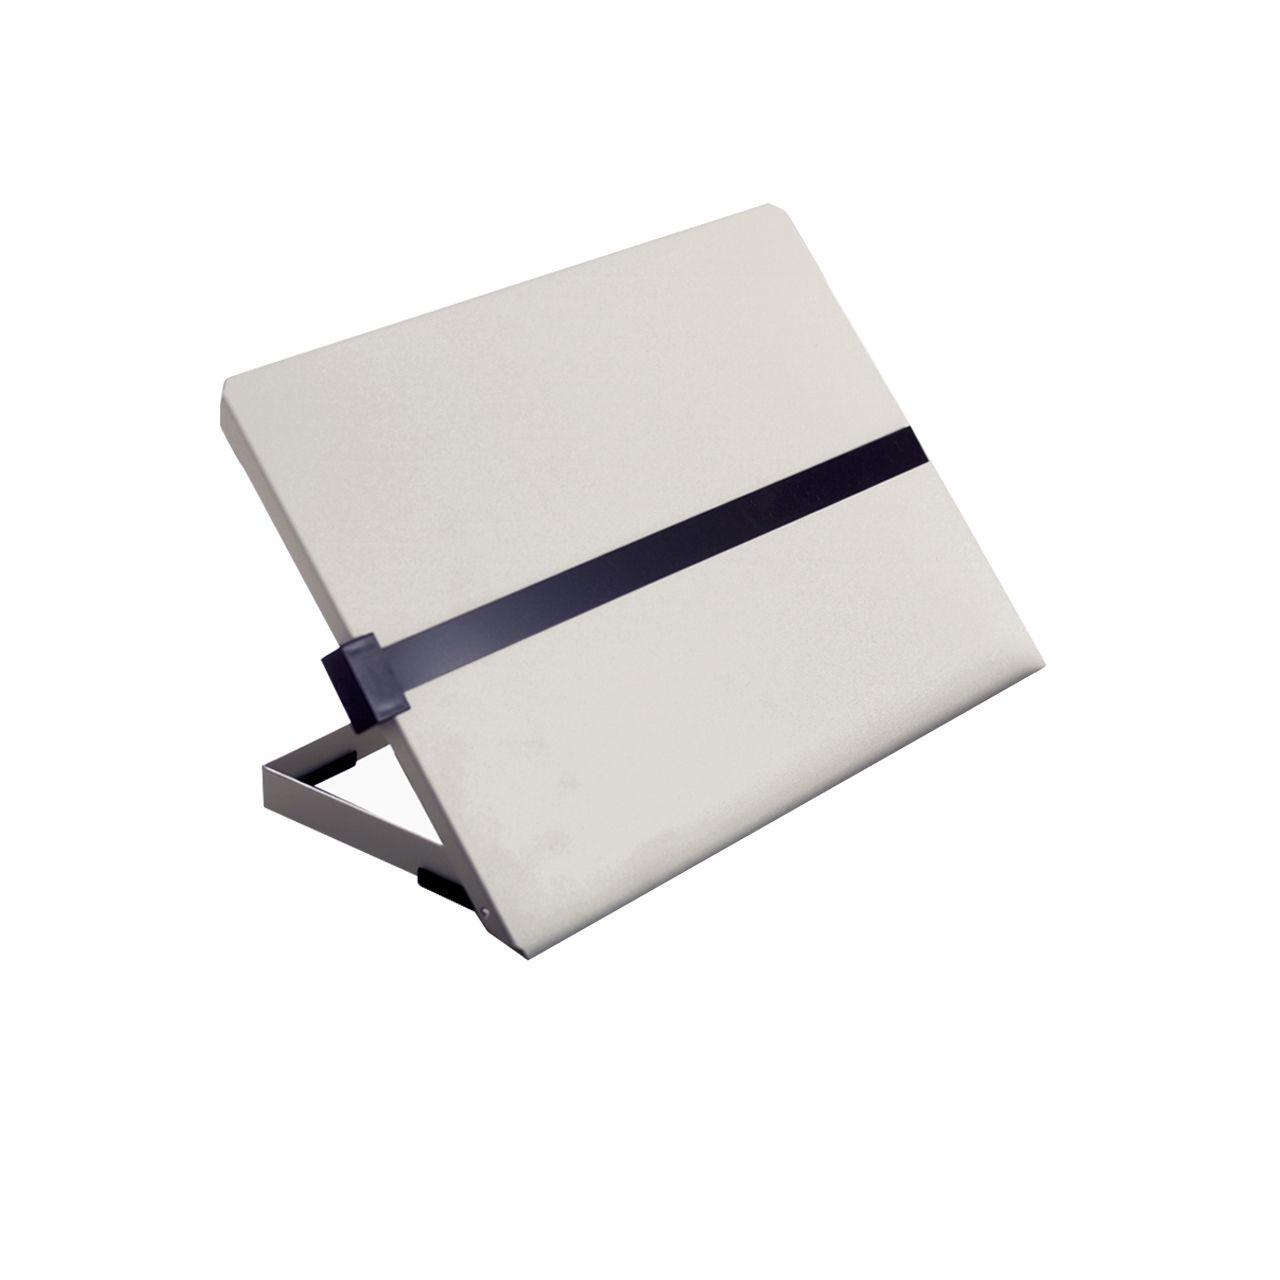 metalen concepthouder met lineaal documentenhouder ERKAMET134 0005s Voorkant